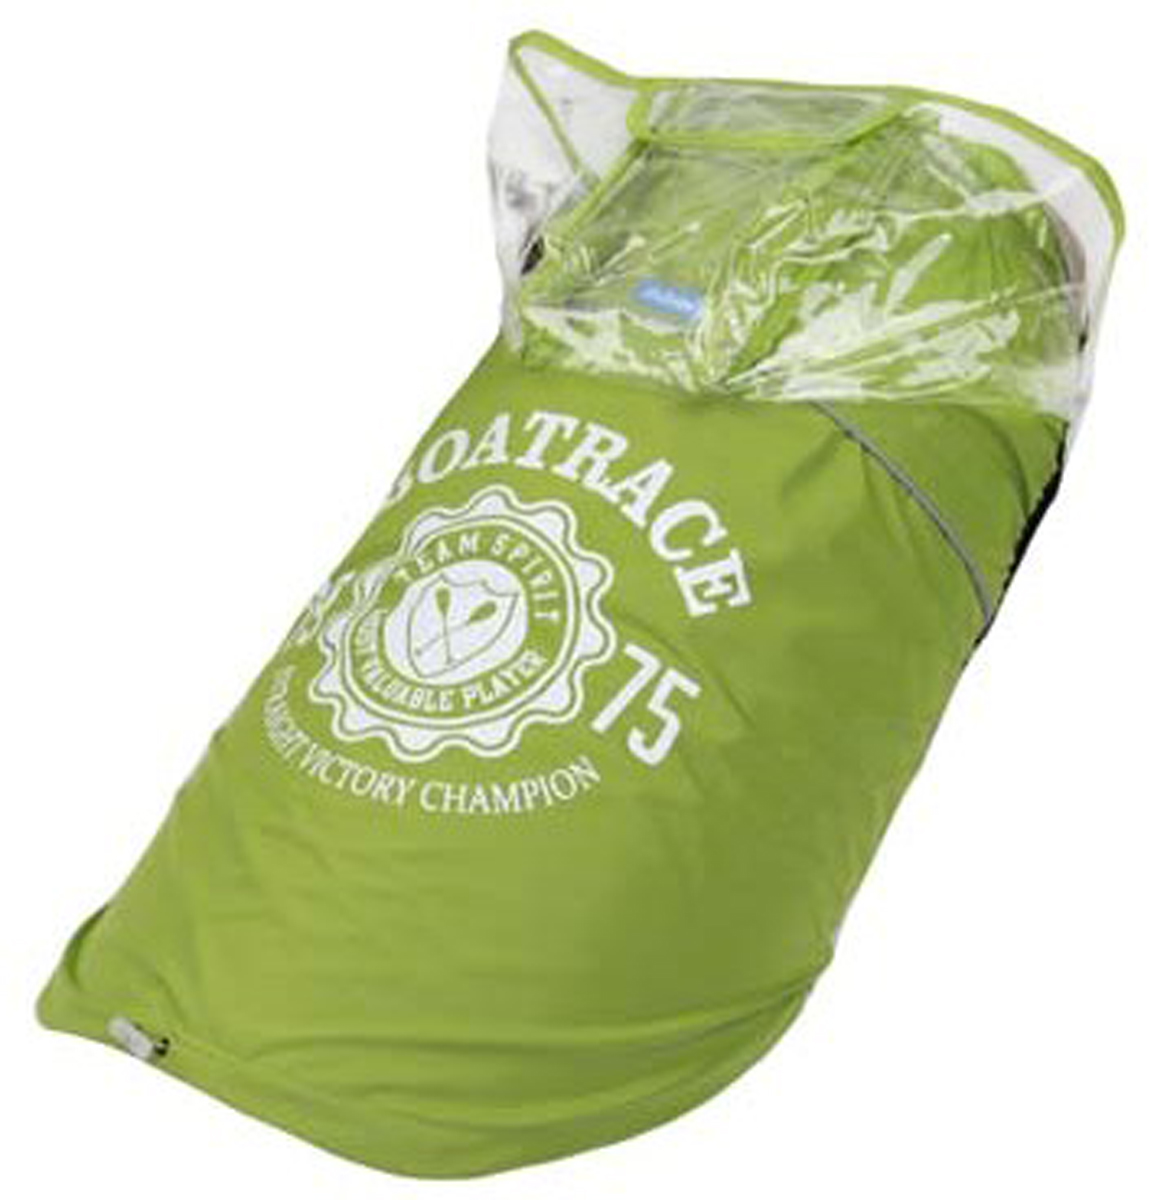 Куртка для собак Dobaz, водонепроницаемая, цвет: прозрачно-зеленый. ДА13033С7ХЛ. Размер 7XLДА13033С7ХЛОна отлично подходит для использования в сырую погоду. Материал обладает водоотталкивающей способностью, поэтому превосходно защитит вашего четвероногого друга в любую погоду.Обхват шеи: 59 см.Обхват груди: 93 см.Длина спинки: 66 см.